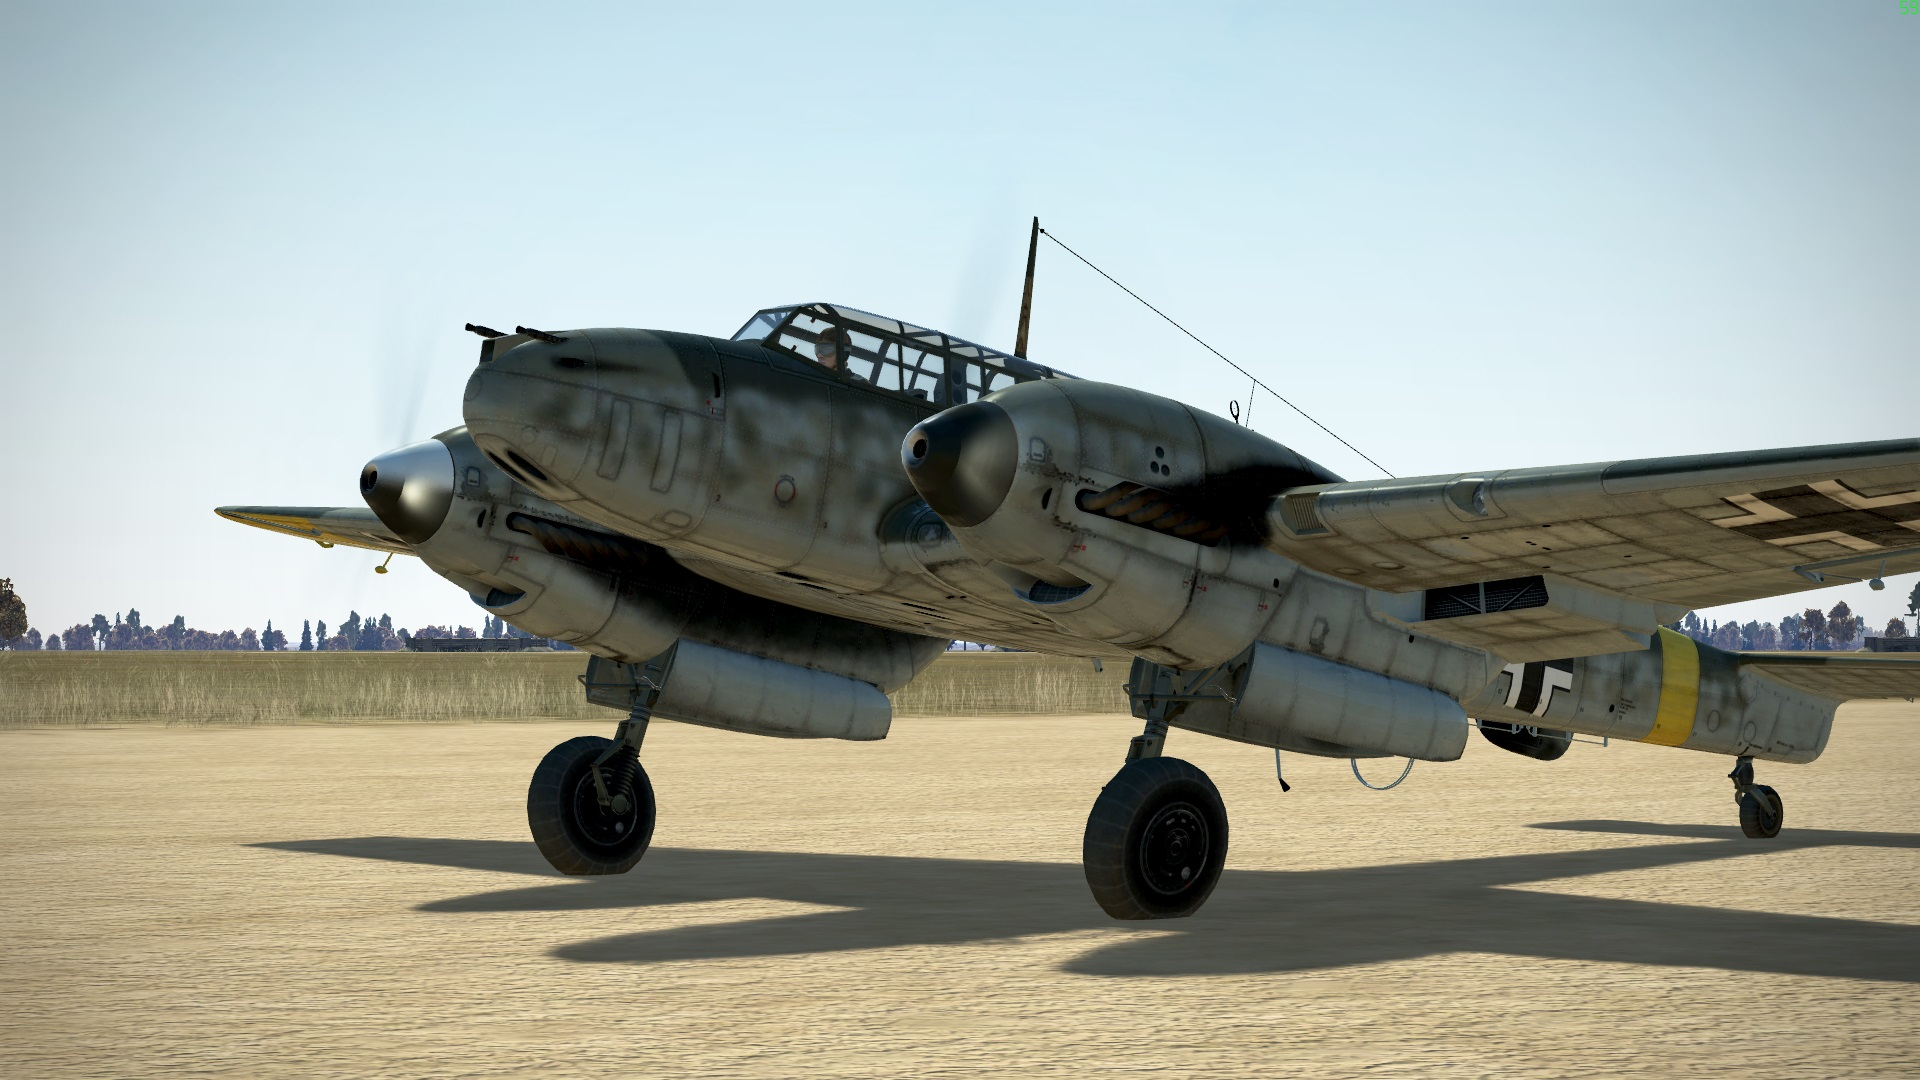 Verfahren Bf110 von Kaltokri, Gemeinfrei